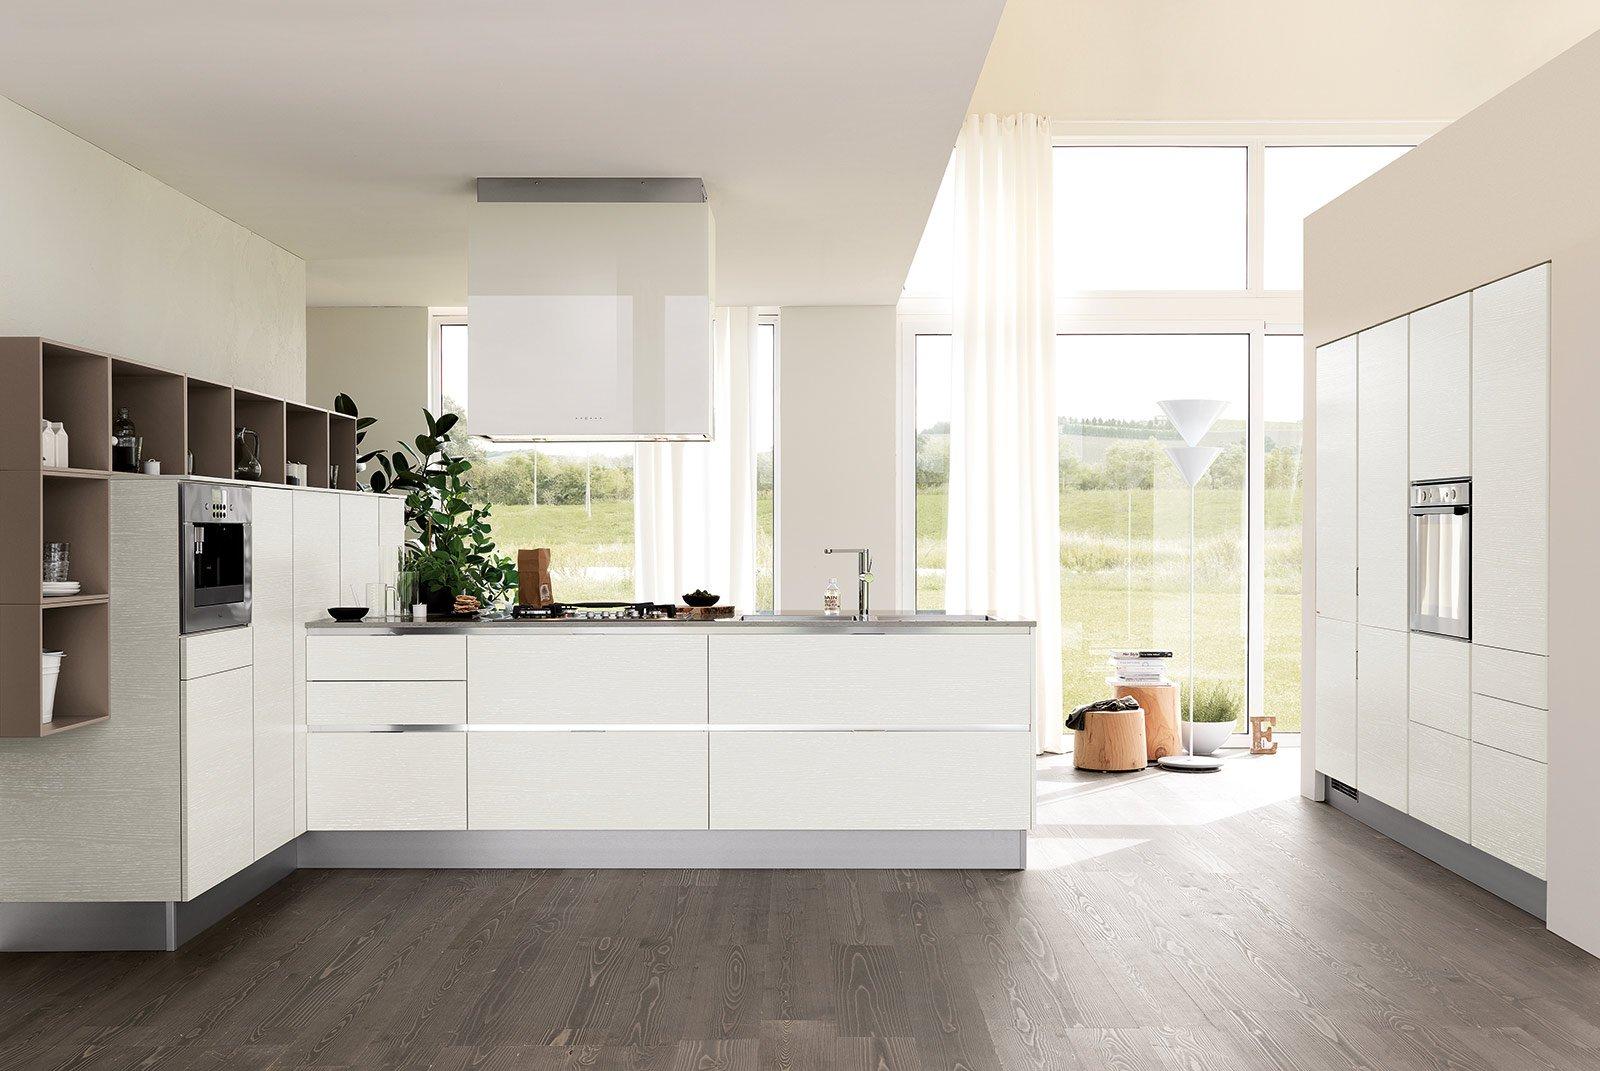 Cucine bianche moderne cose di casa for Case moderne interni open space